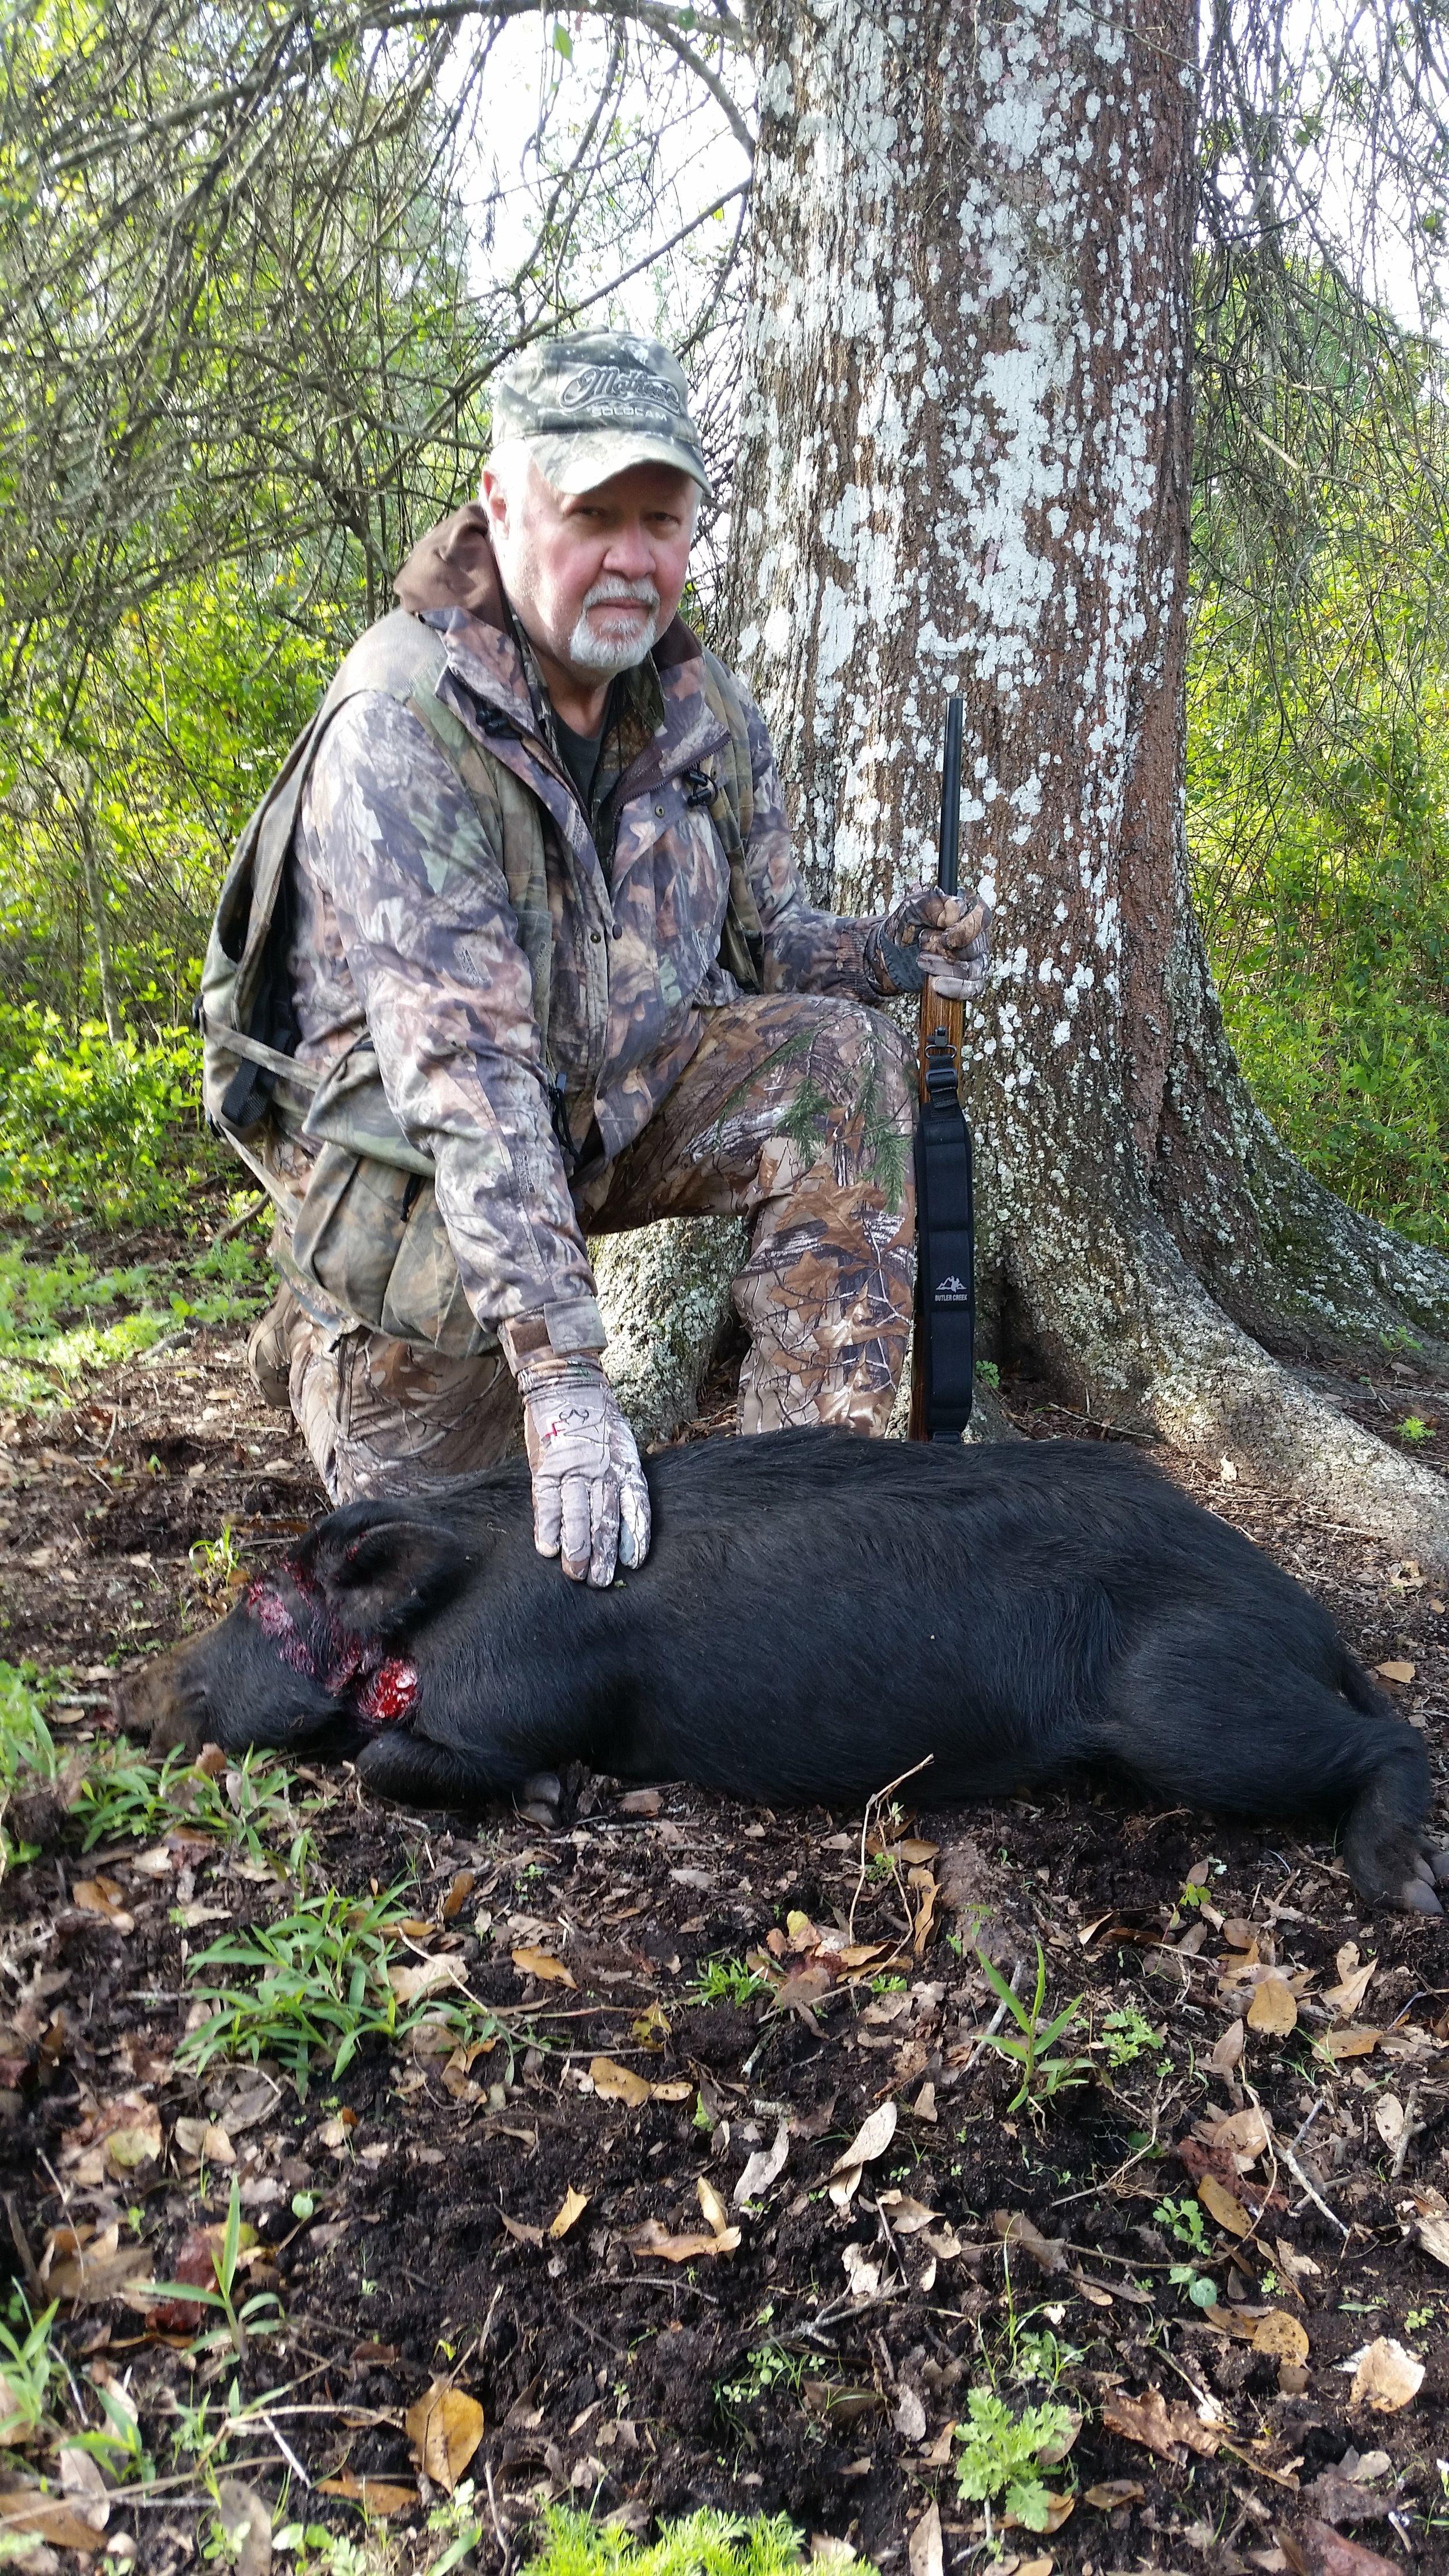 Okeechobee-Hog-Hunting-Guide.jpg